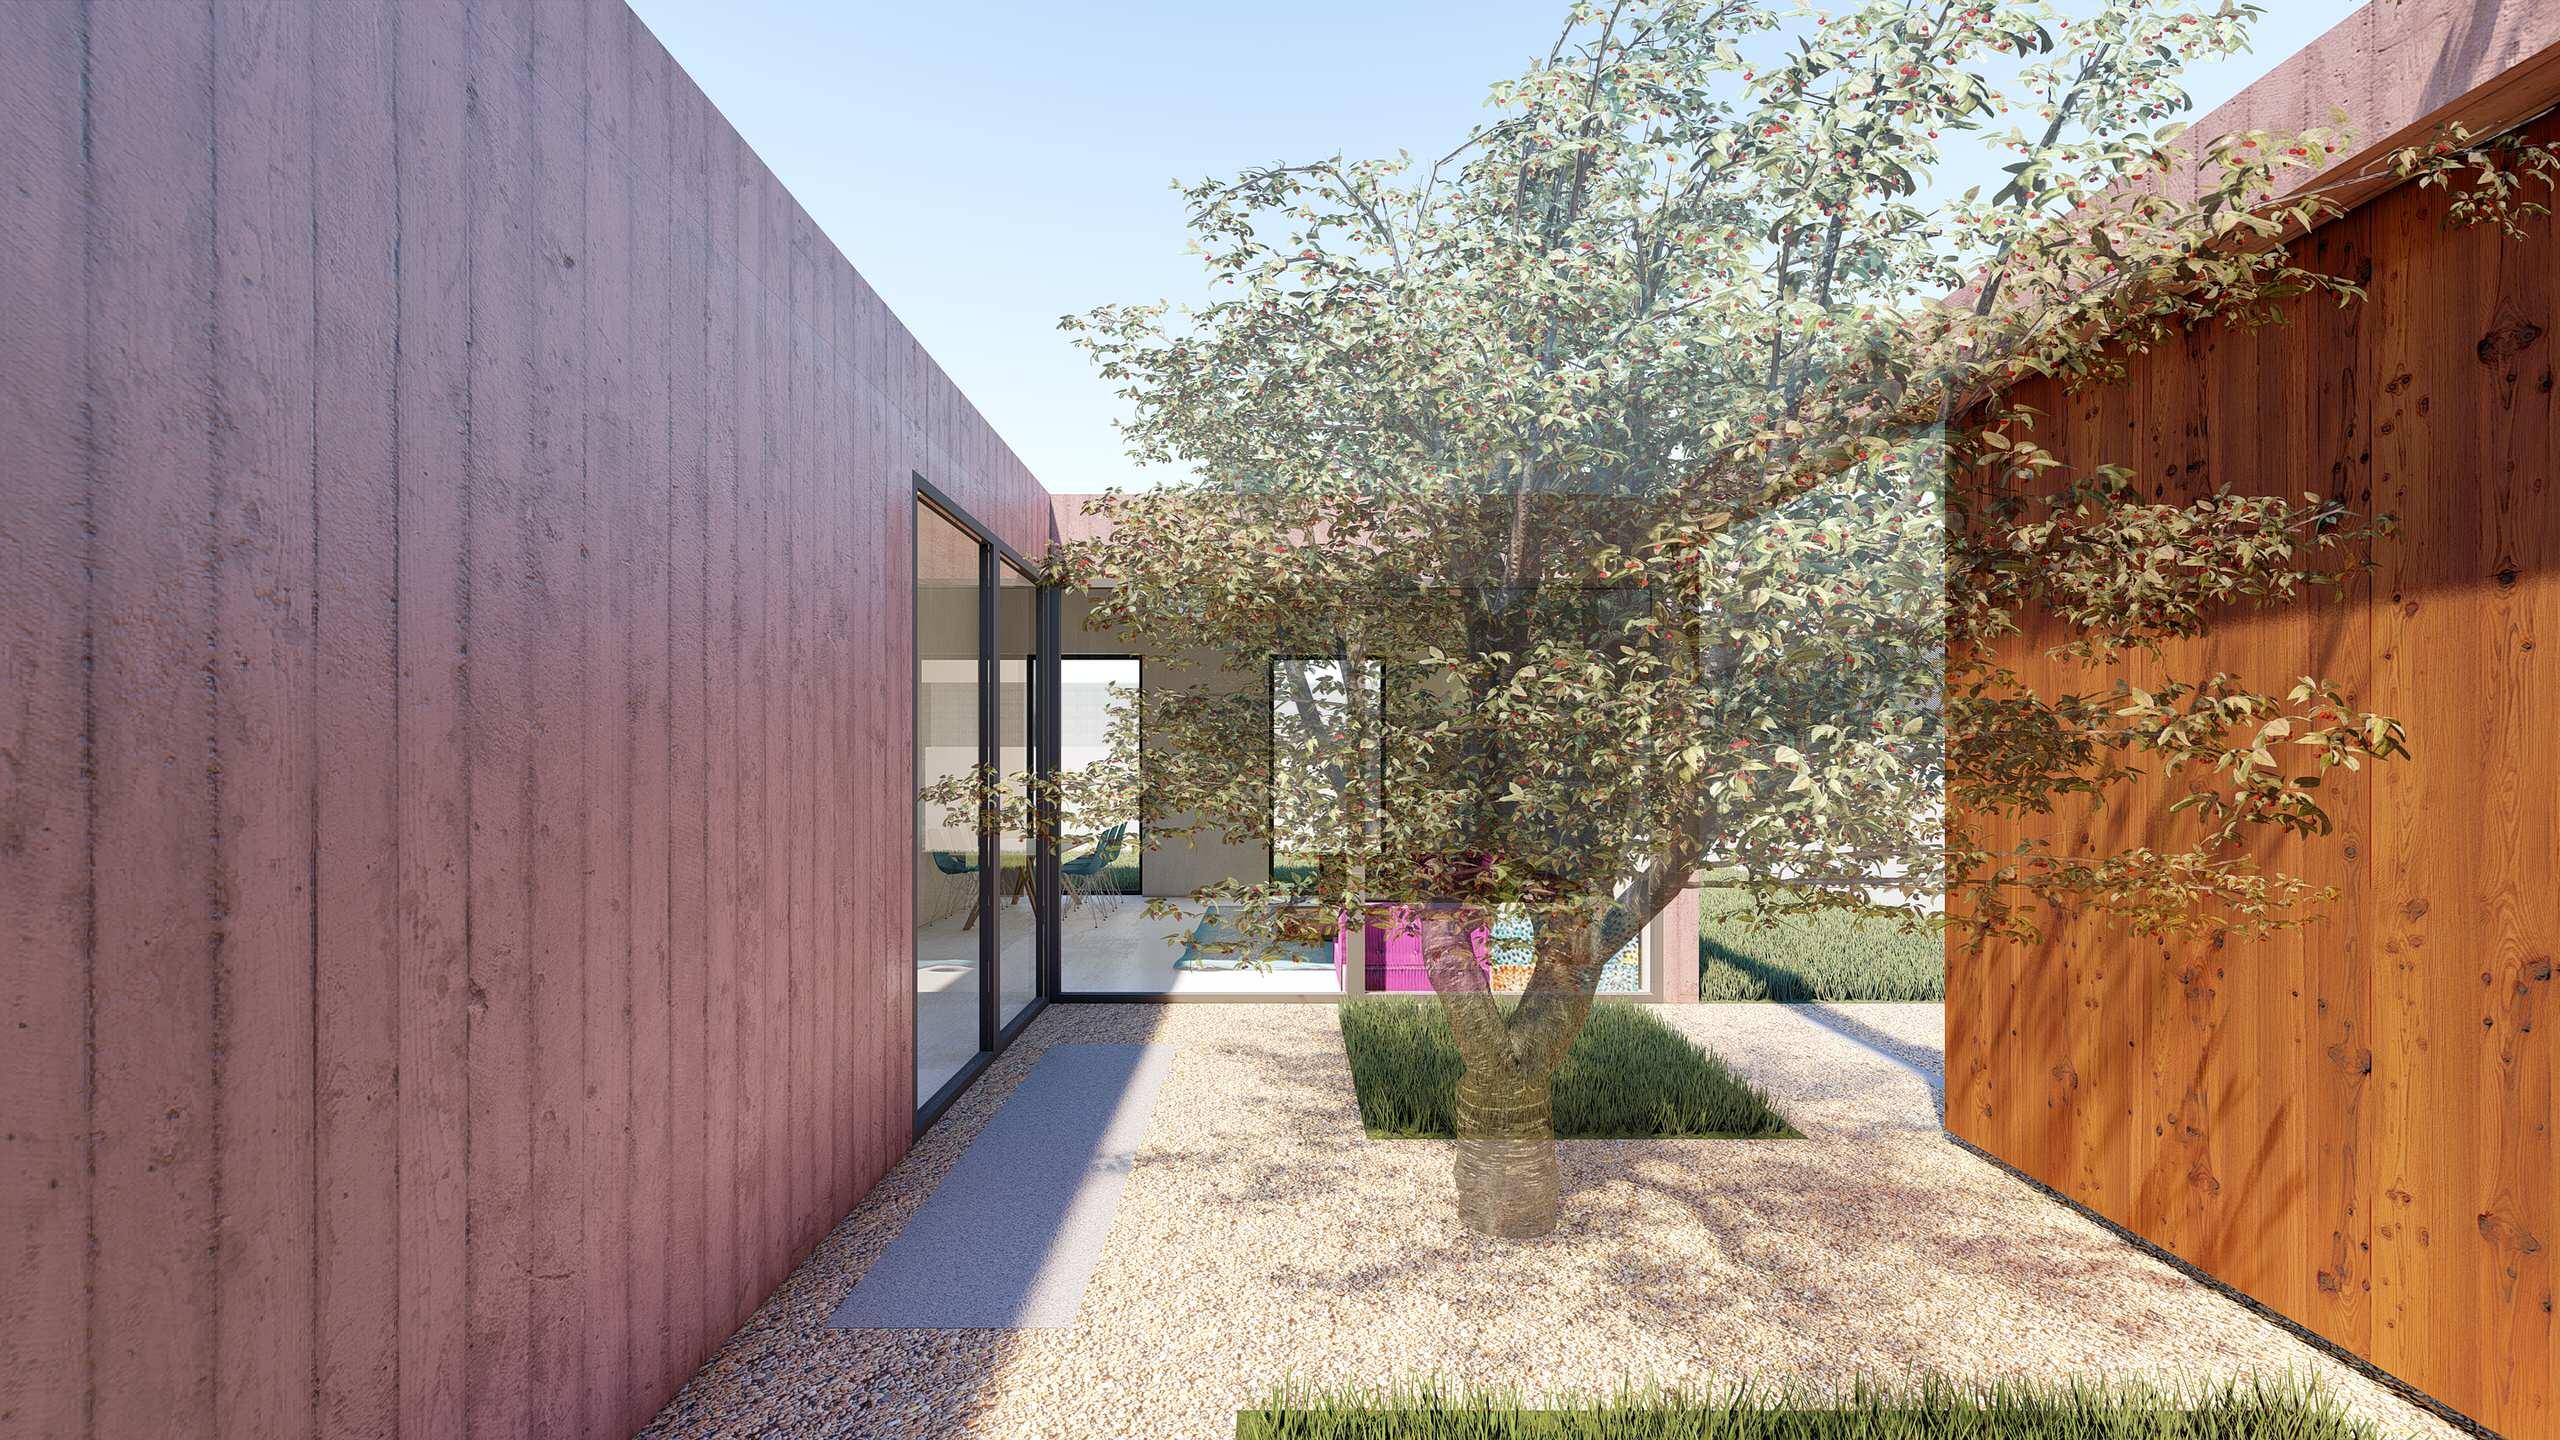 Vista del patio interior que conecta toda la vivienda